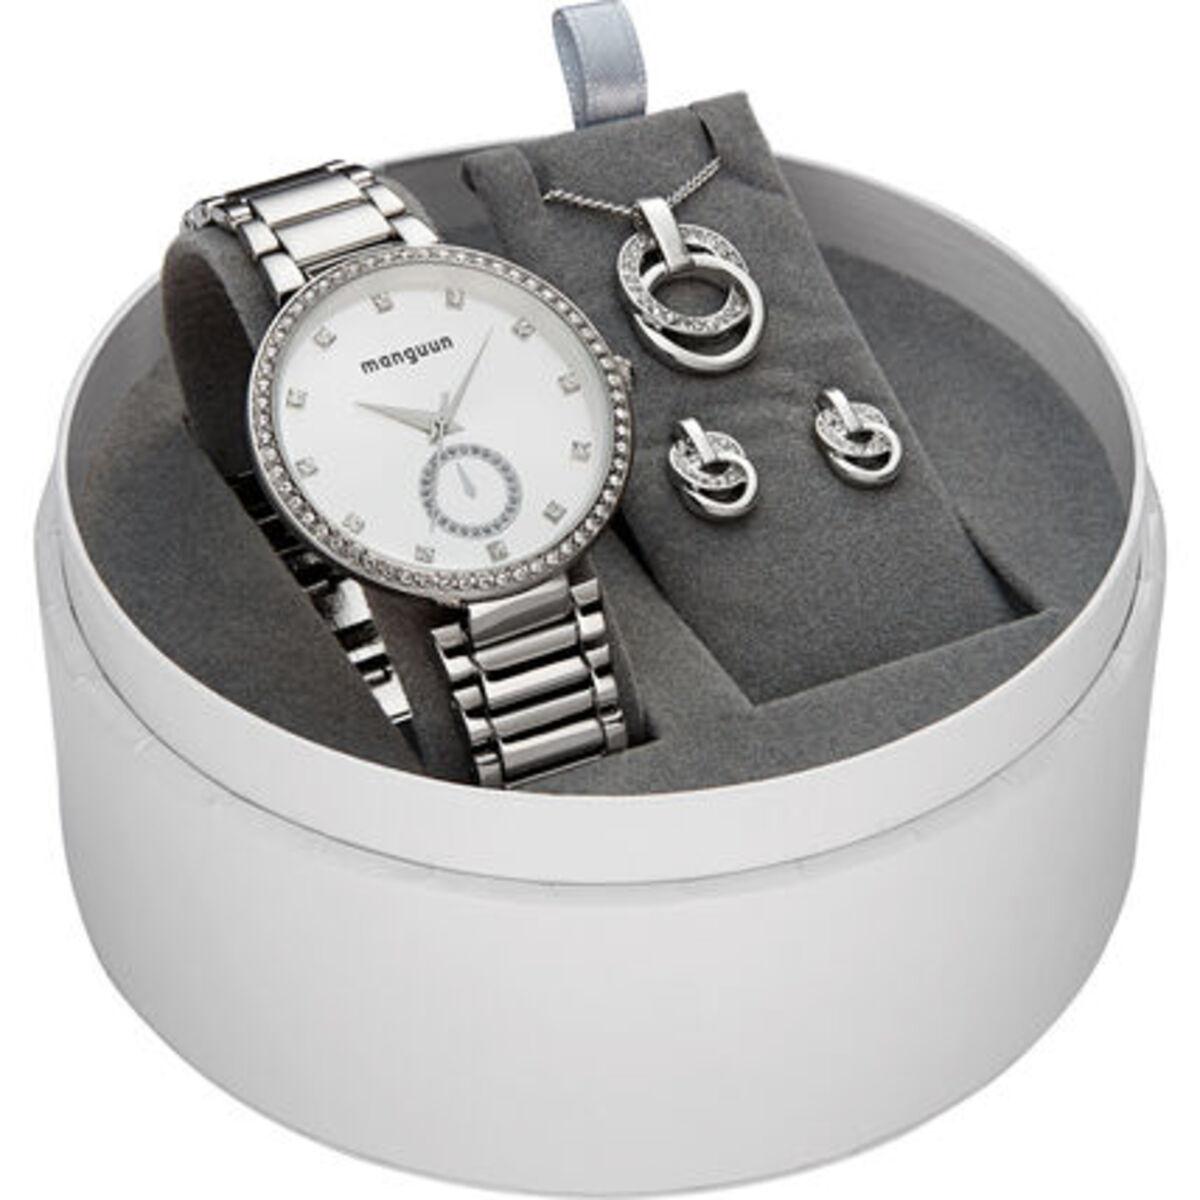 Bild 1 von manguun Damen Geschenk-Set aus Uhr, Kette und Ohrsteckern